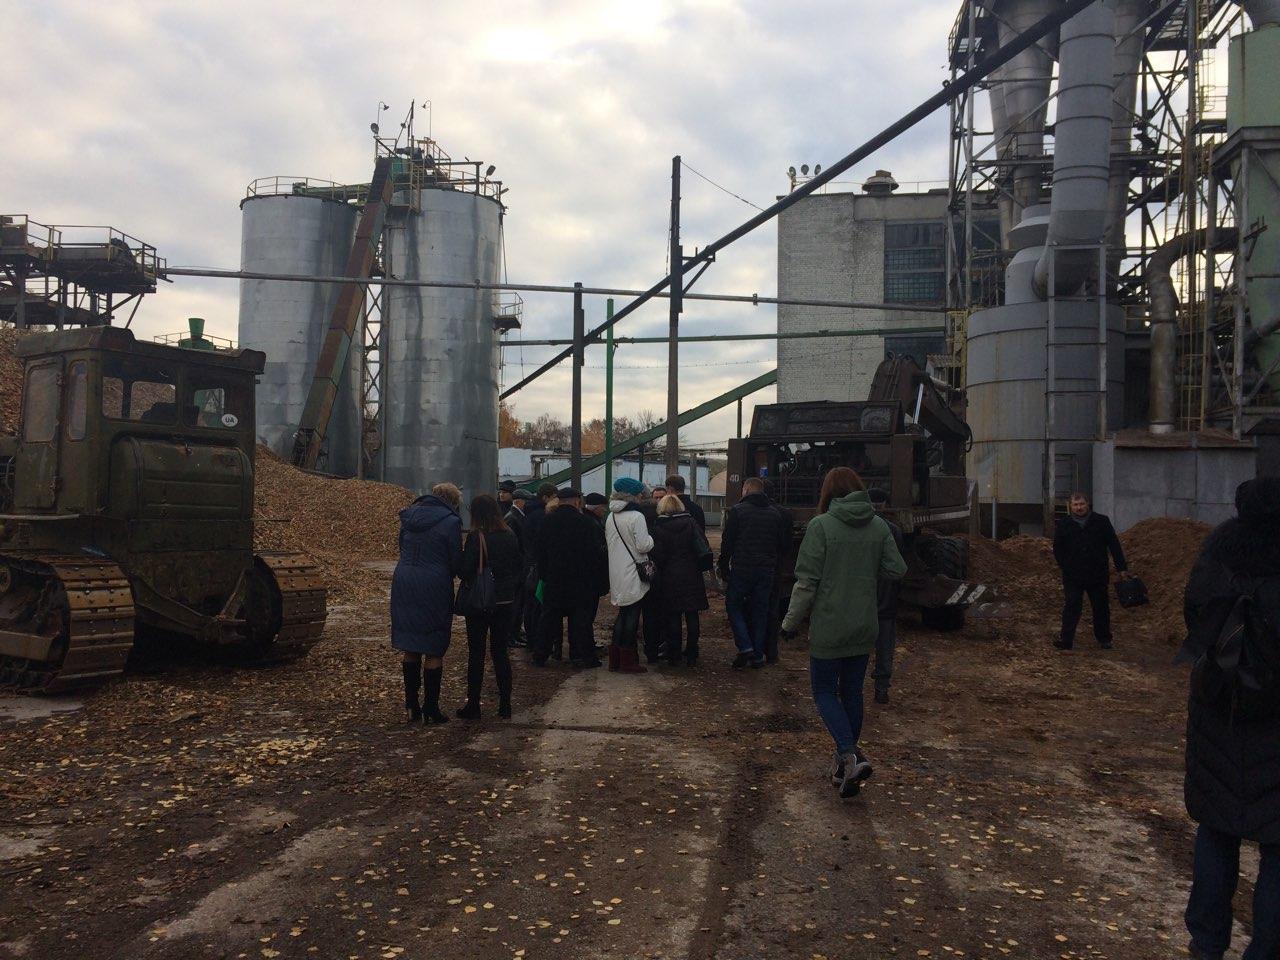 Фанерный завод отравляет жизнь киевлян